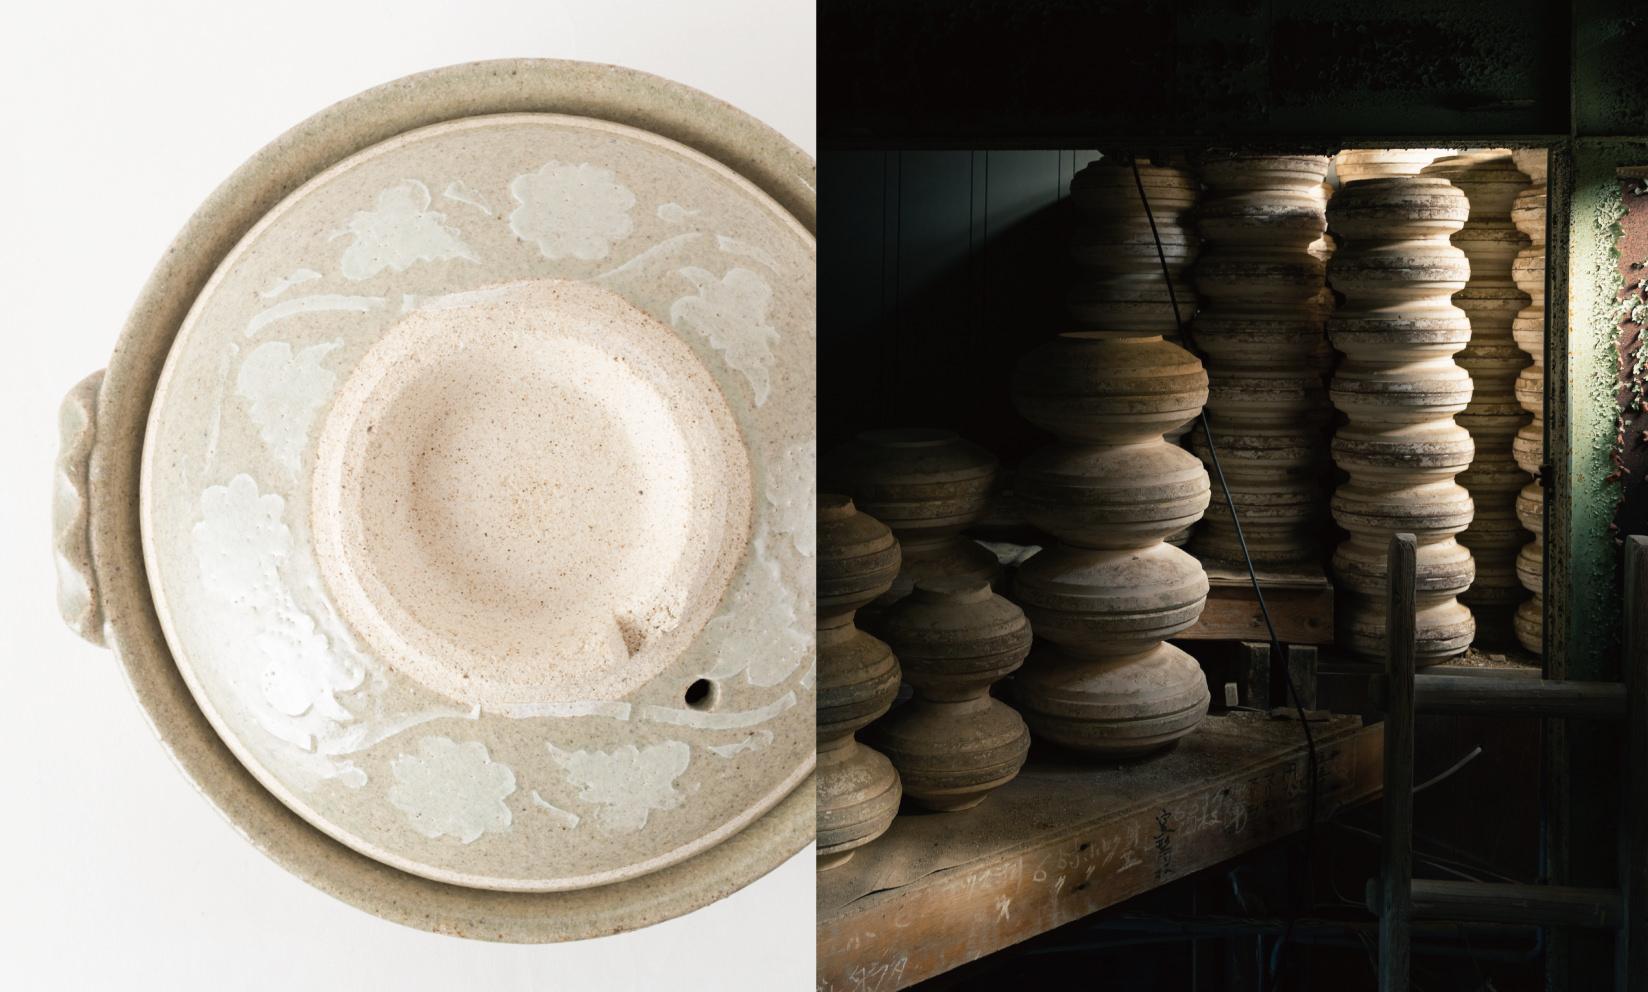 土鍋専門窯元 平兵衛製陶所(長崎県佐世保市)/ 浅くて食材が取りやすい。お鍋、雑炊、うどんにどうぞ。